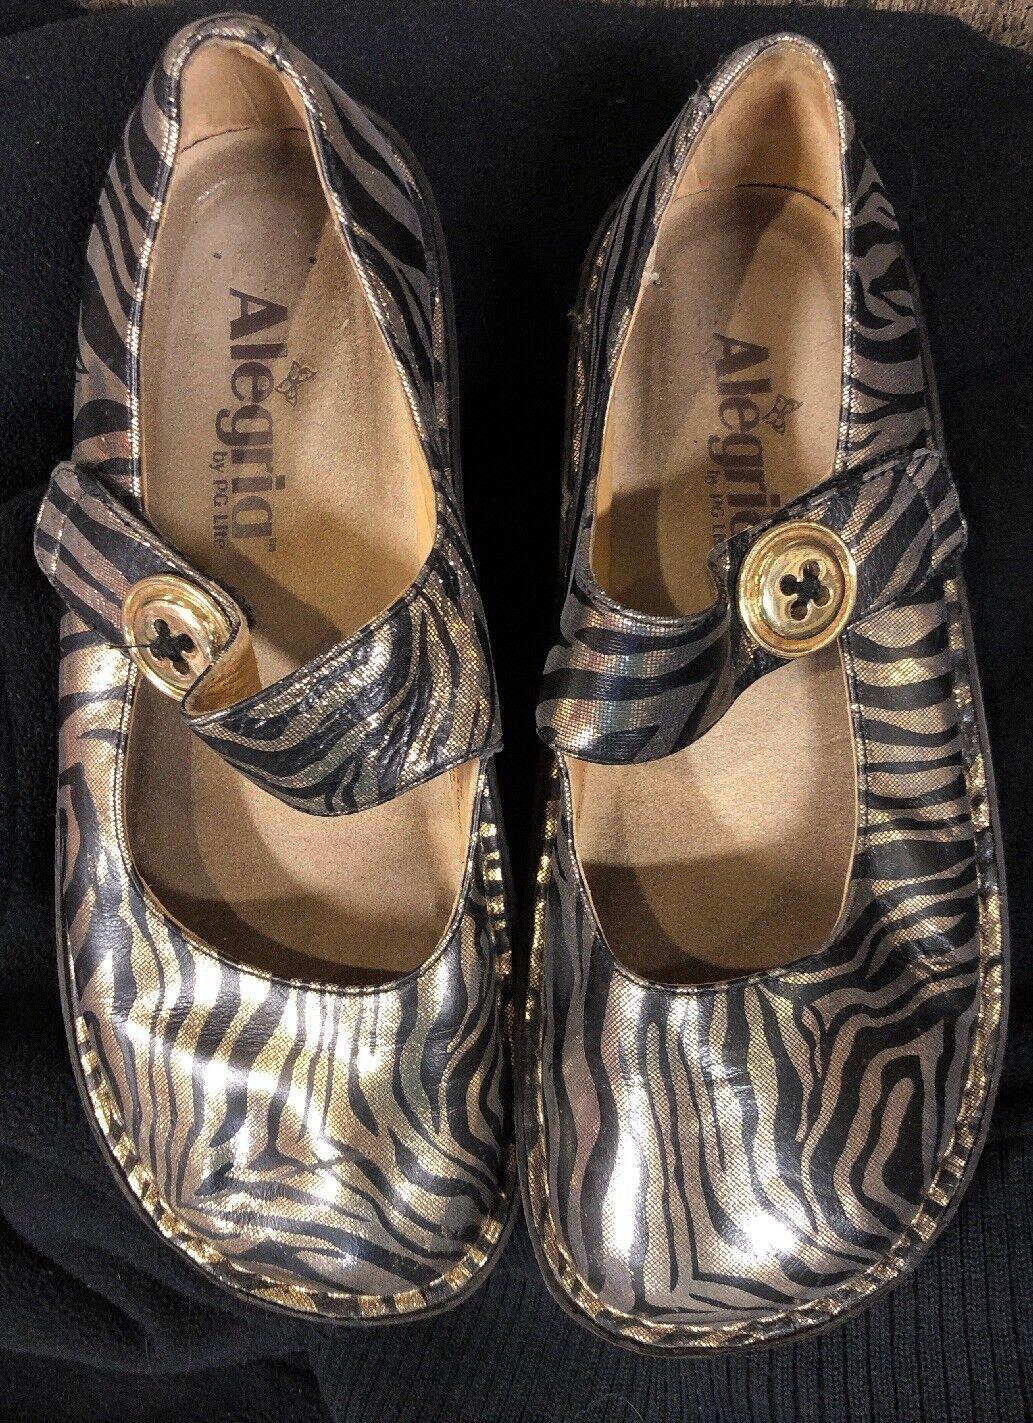 nuovo stile Alegria nero oro Metallic Zebra Print Donna Donna Donna  Mary Janes Dimensione 36 US 6-6 1 2  costo effettivo